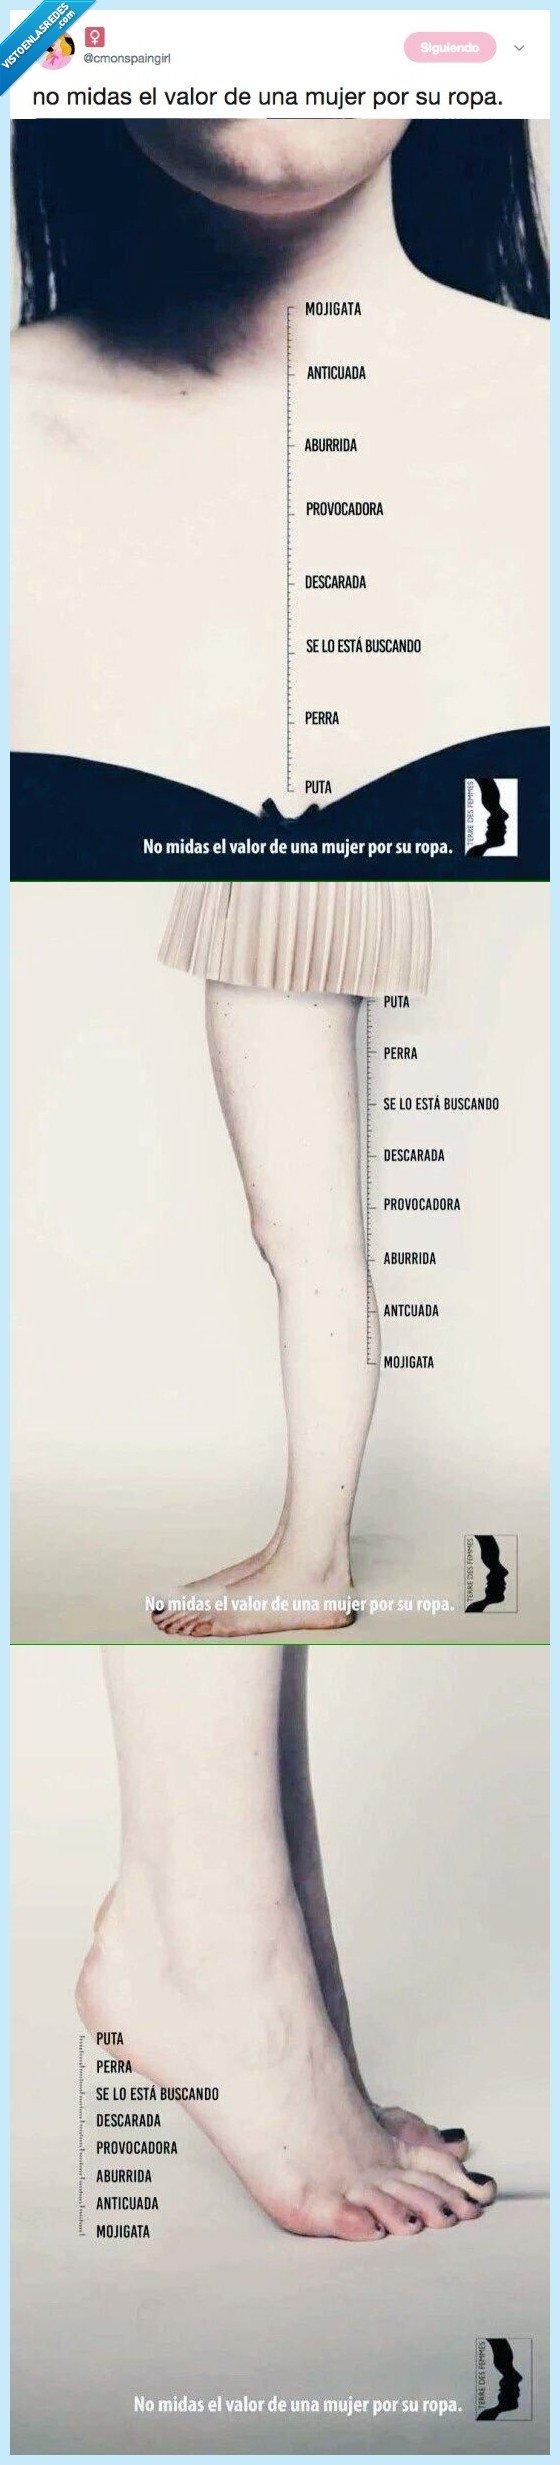 medir,mujer,valor